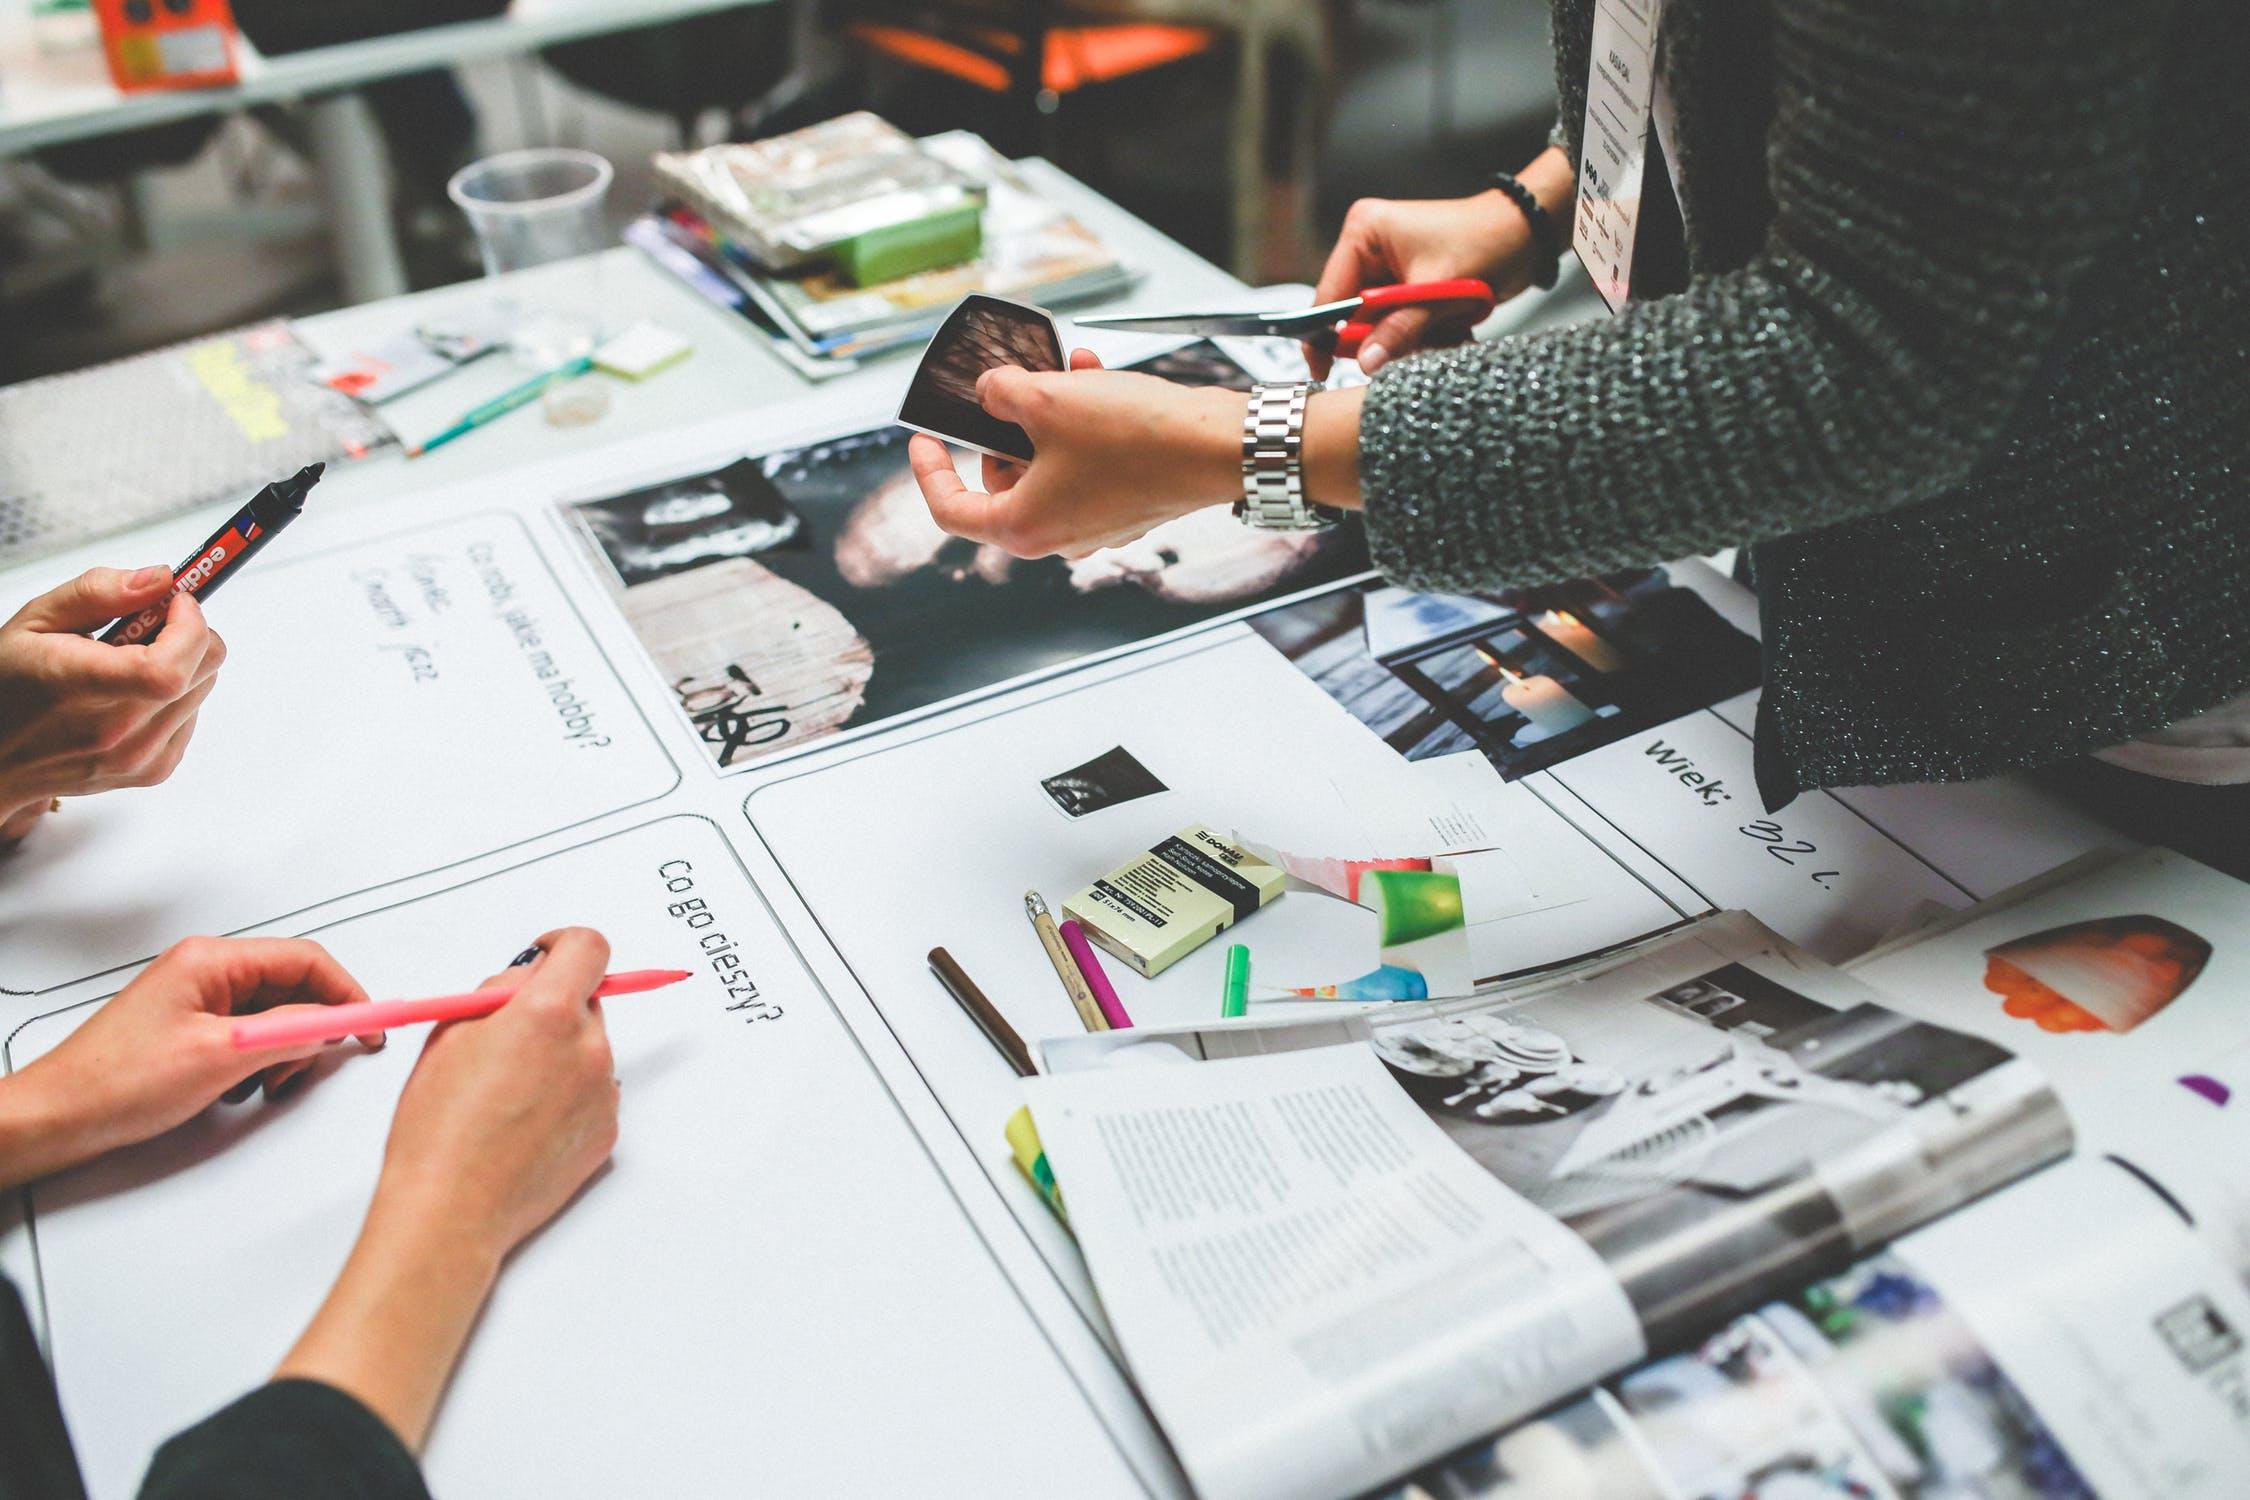 美国帕森斯设计学院服装设计专业申请条件